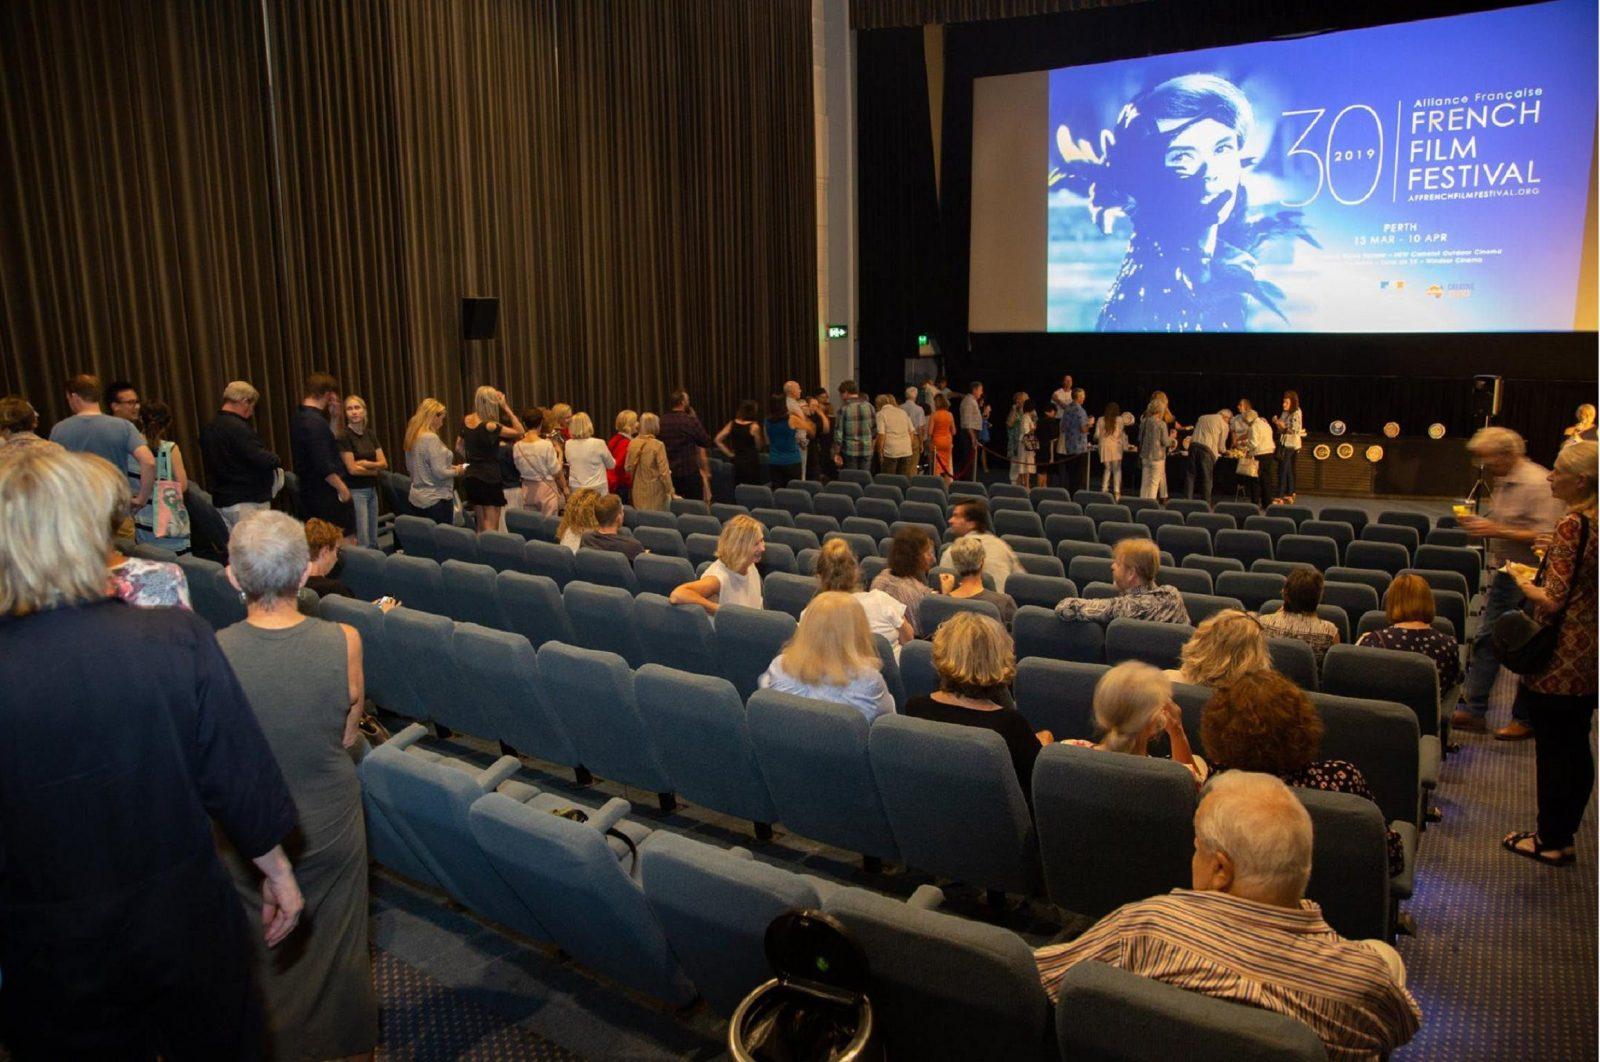 Windsor Cinema, Nedlands, Western Australia